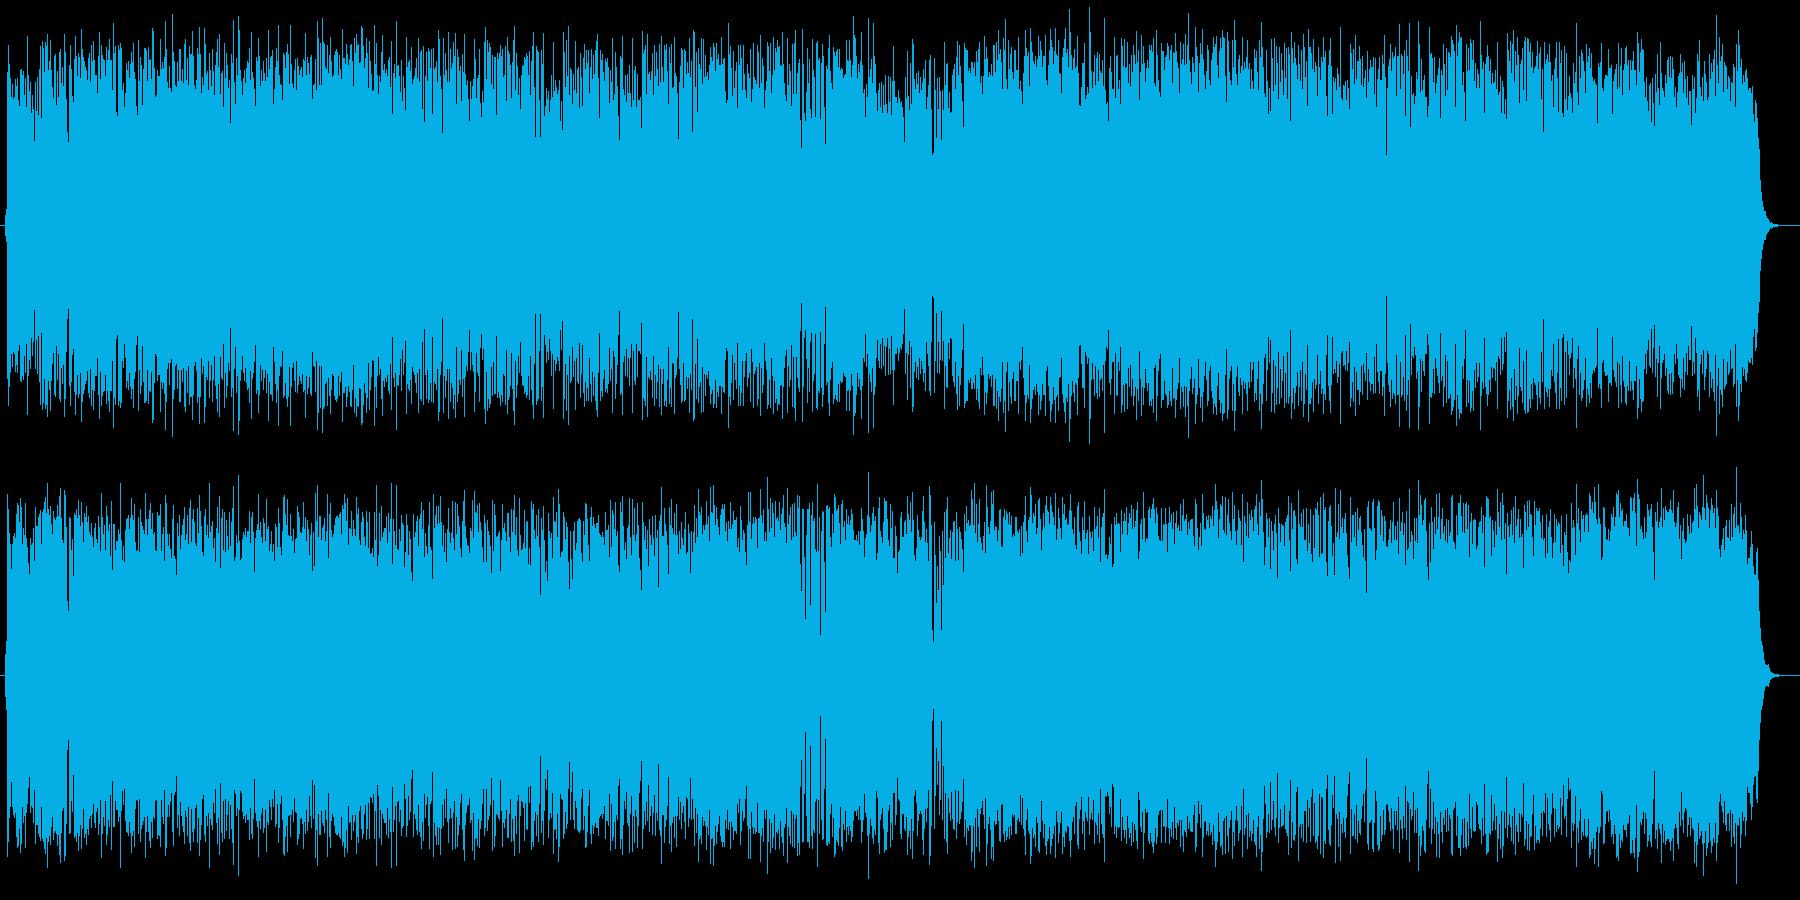 やさしく心に響く美しいメロディのポップスの再生済みの波形